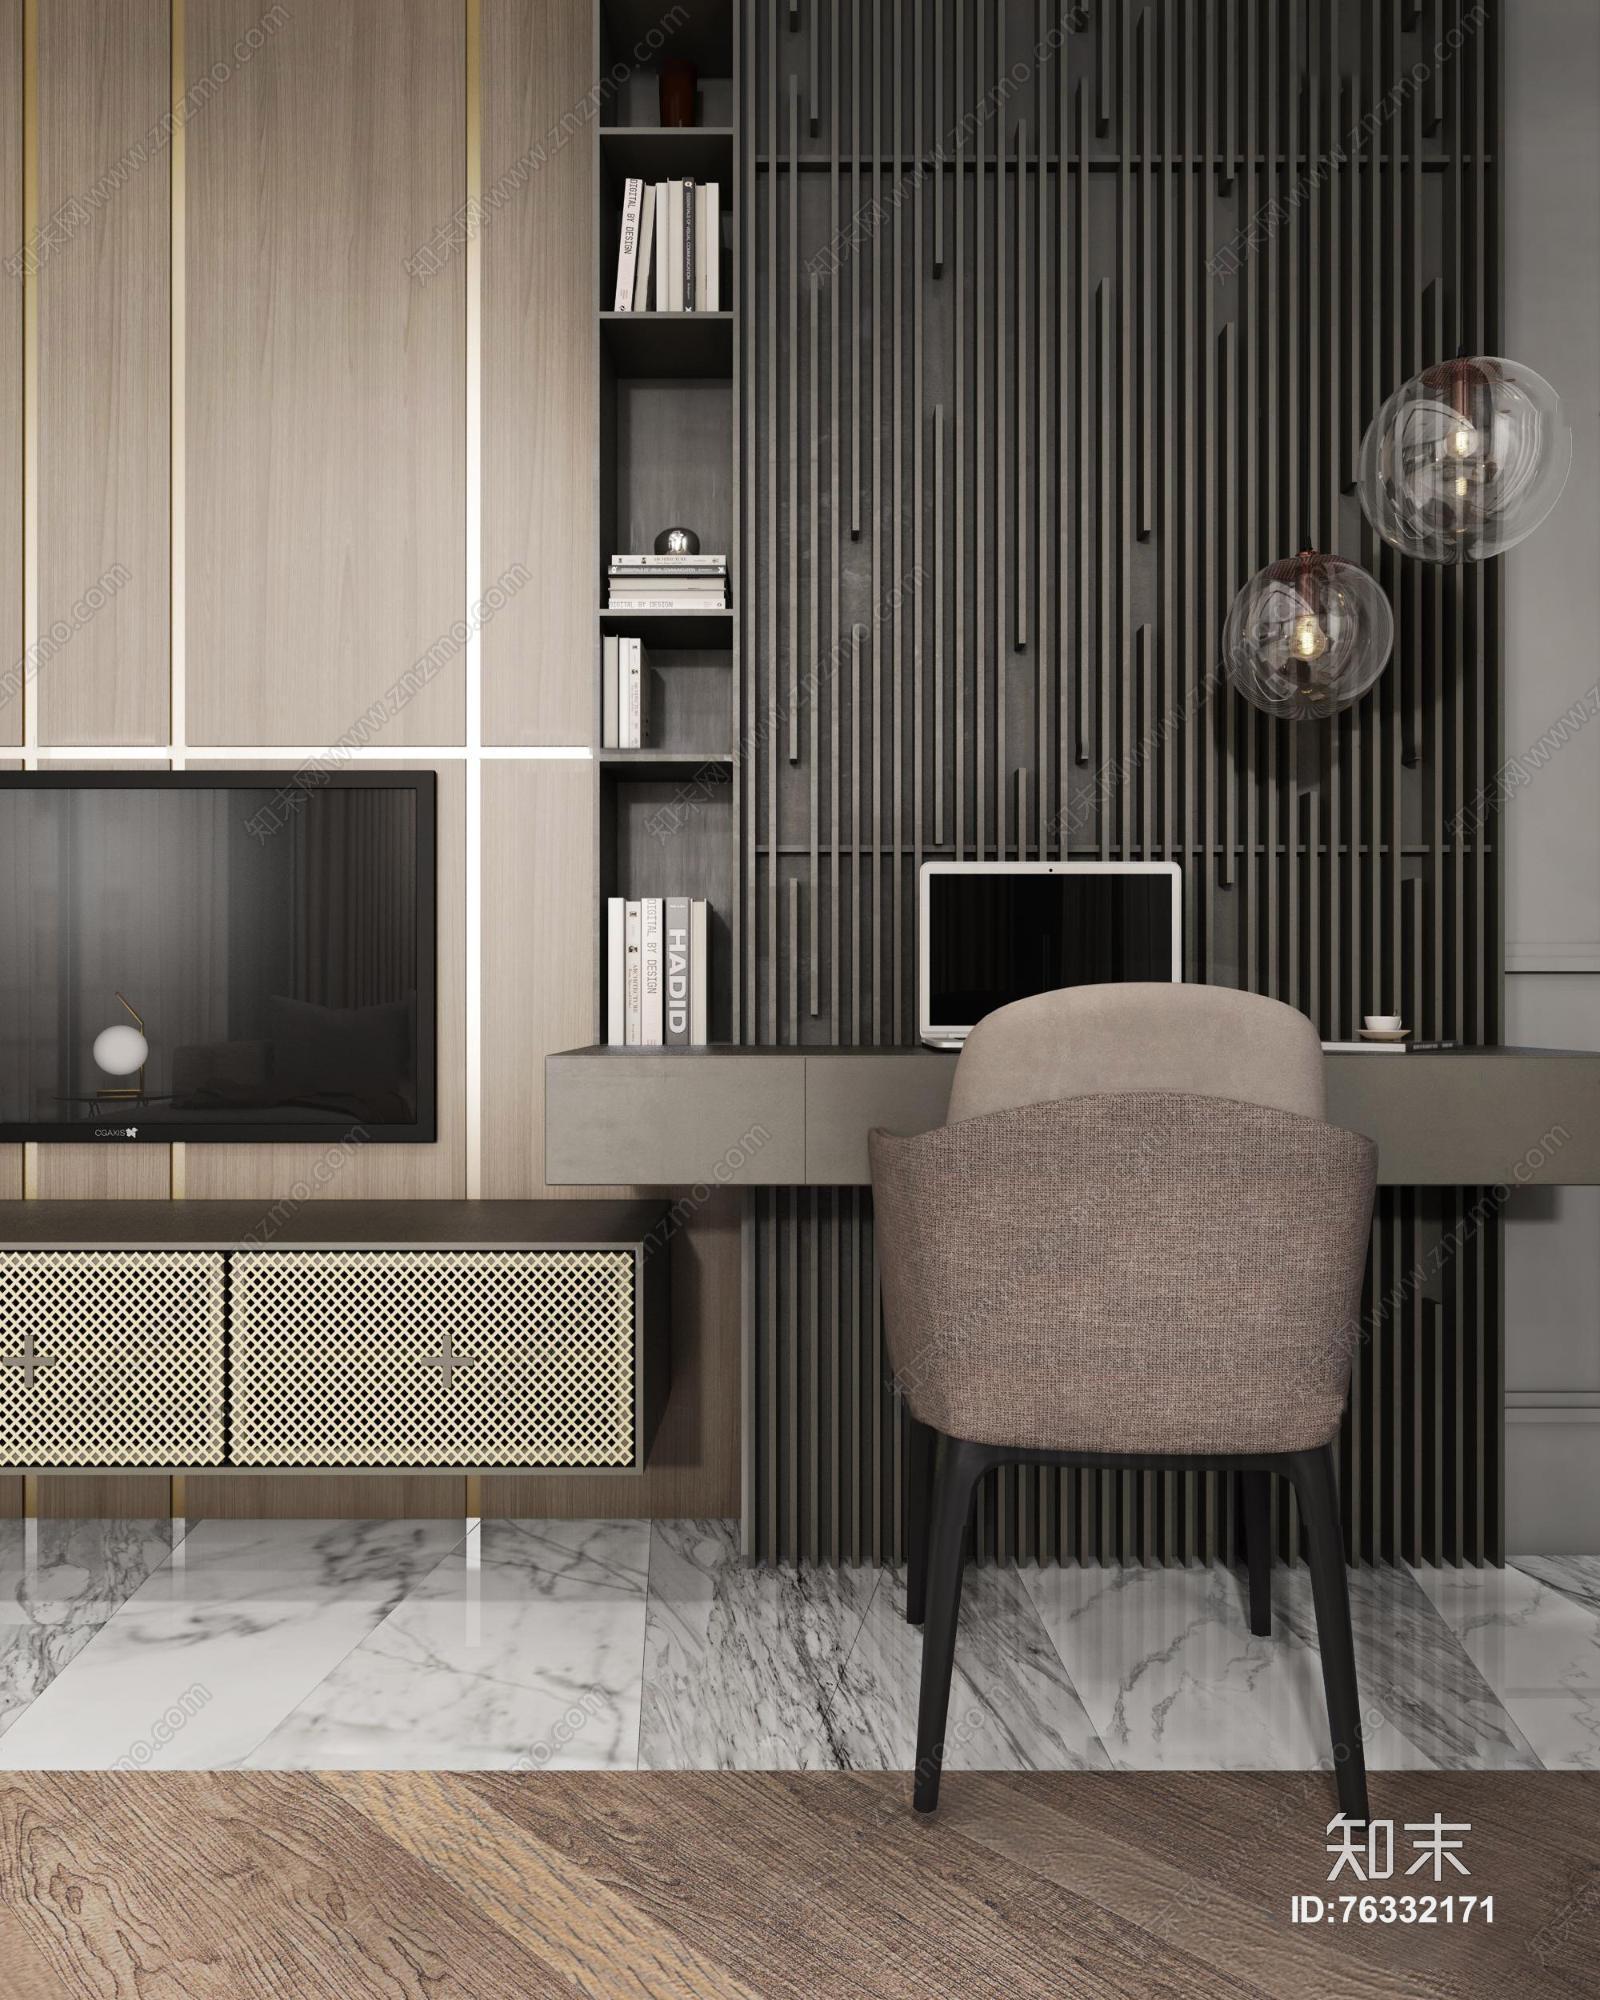 现代客厅 装饰灯 落地灯 台灯 单双人沙发 茶几 装饰柜 书桌椅 书架